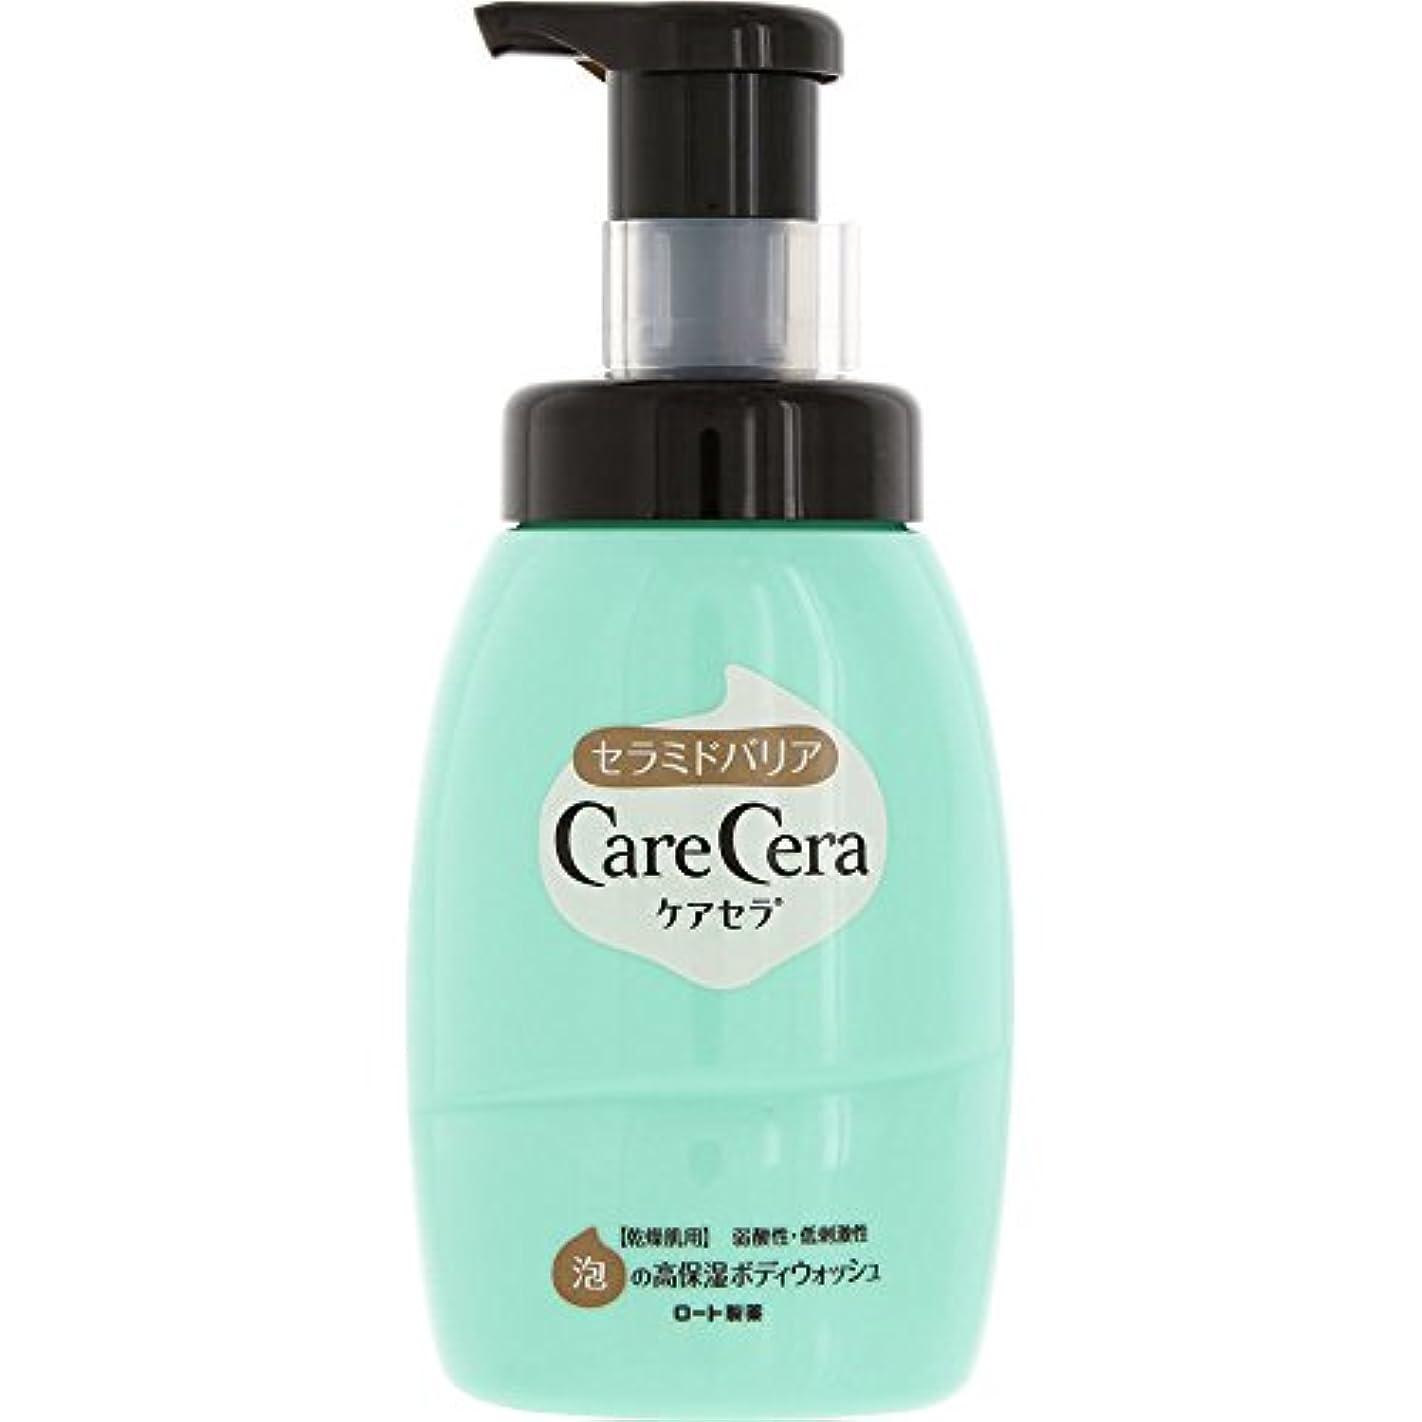 テスピアン蓋熟したケアセラ(CareCera) ロート製薬 ケアセラ  天然型セラミド7種配合 セラミド濃度10倍泡の高保湿 全身ボディウォッシュ ピュアフローラルの香り お試し企画品 300mL